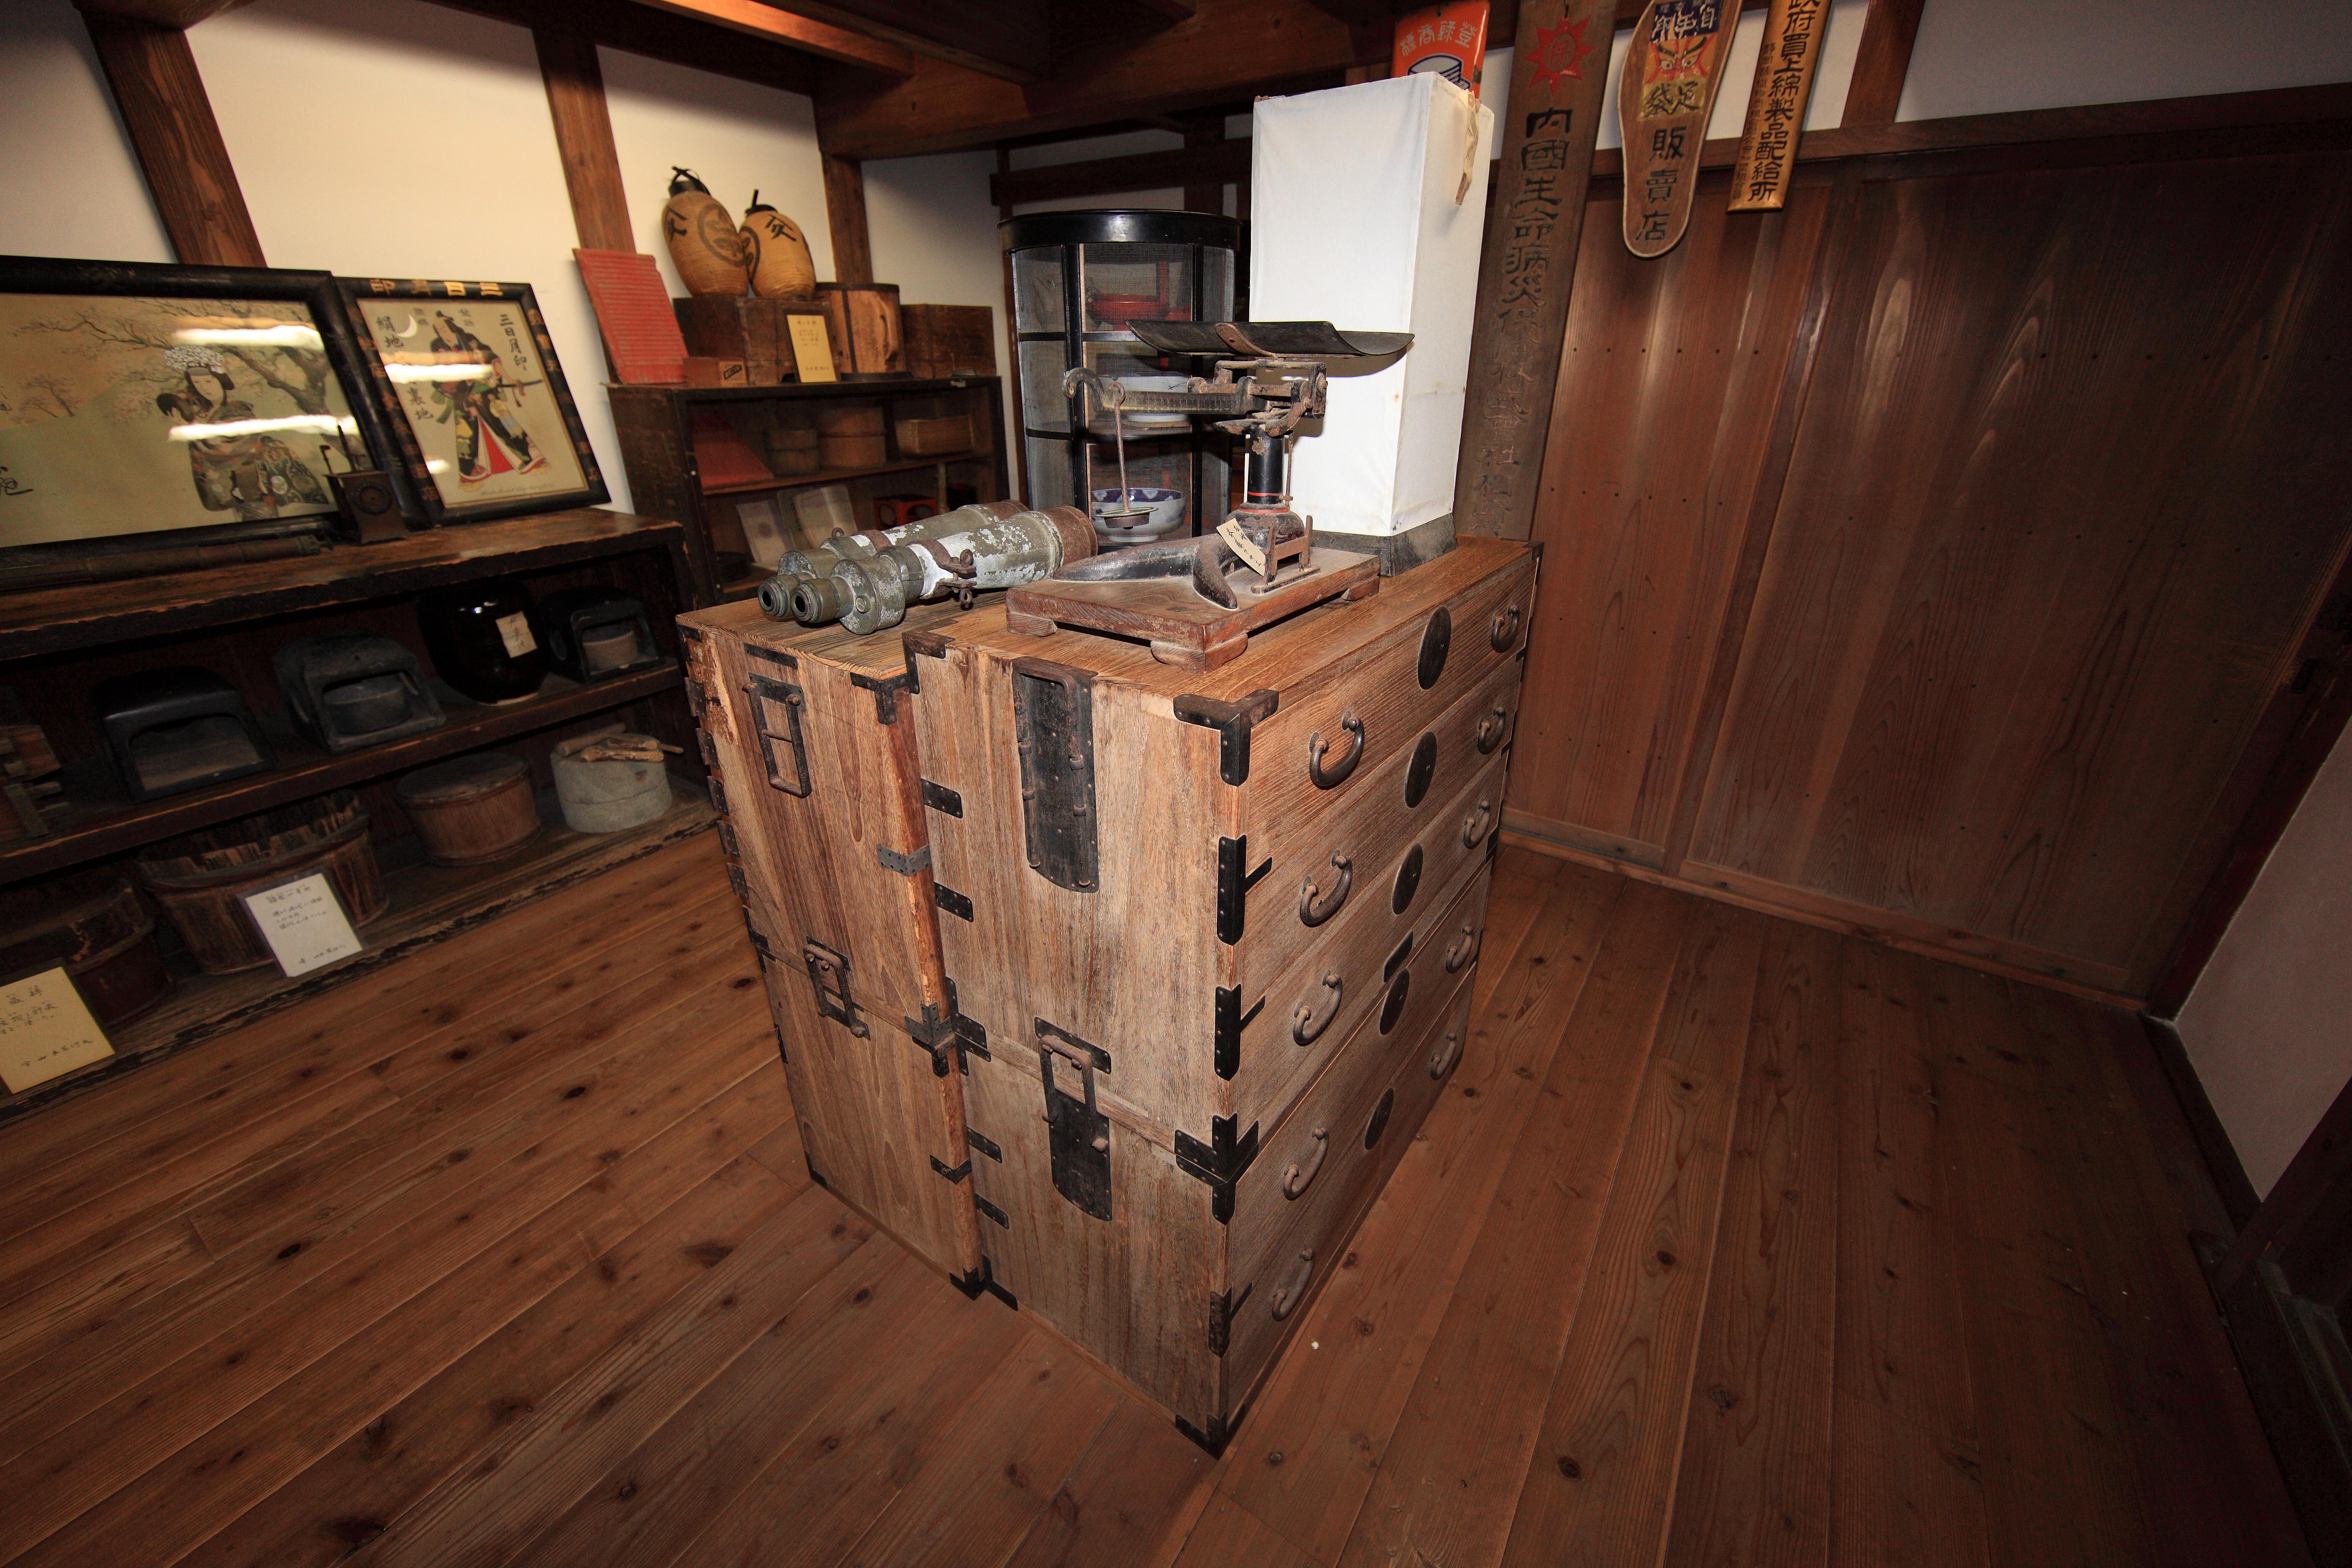 Fotos gratis : arquitectura, madera, casa, piso, interior, antiguo ...